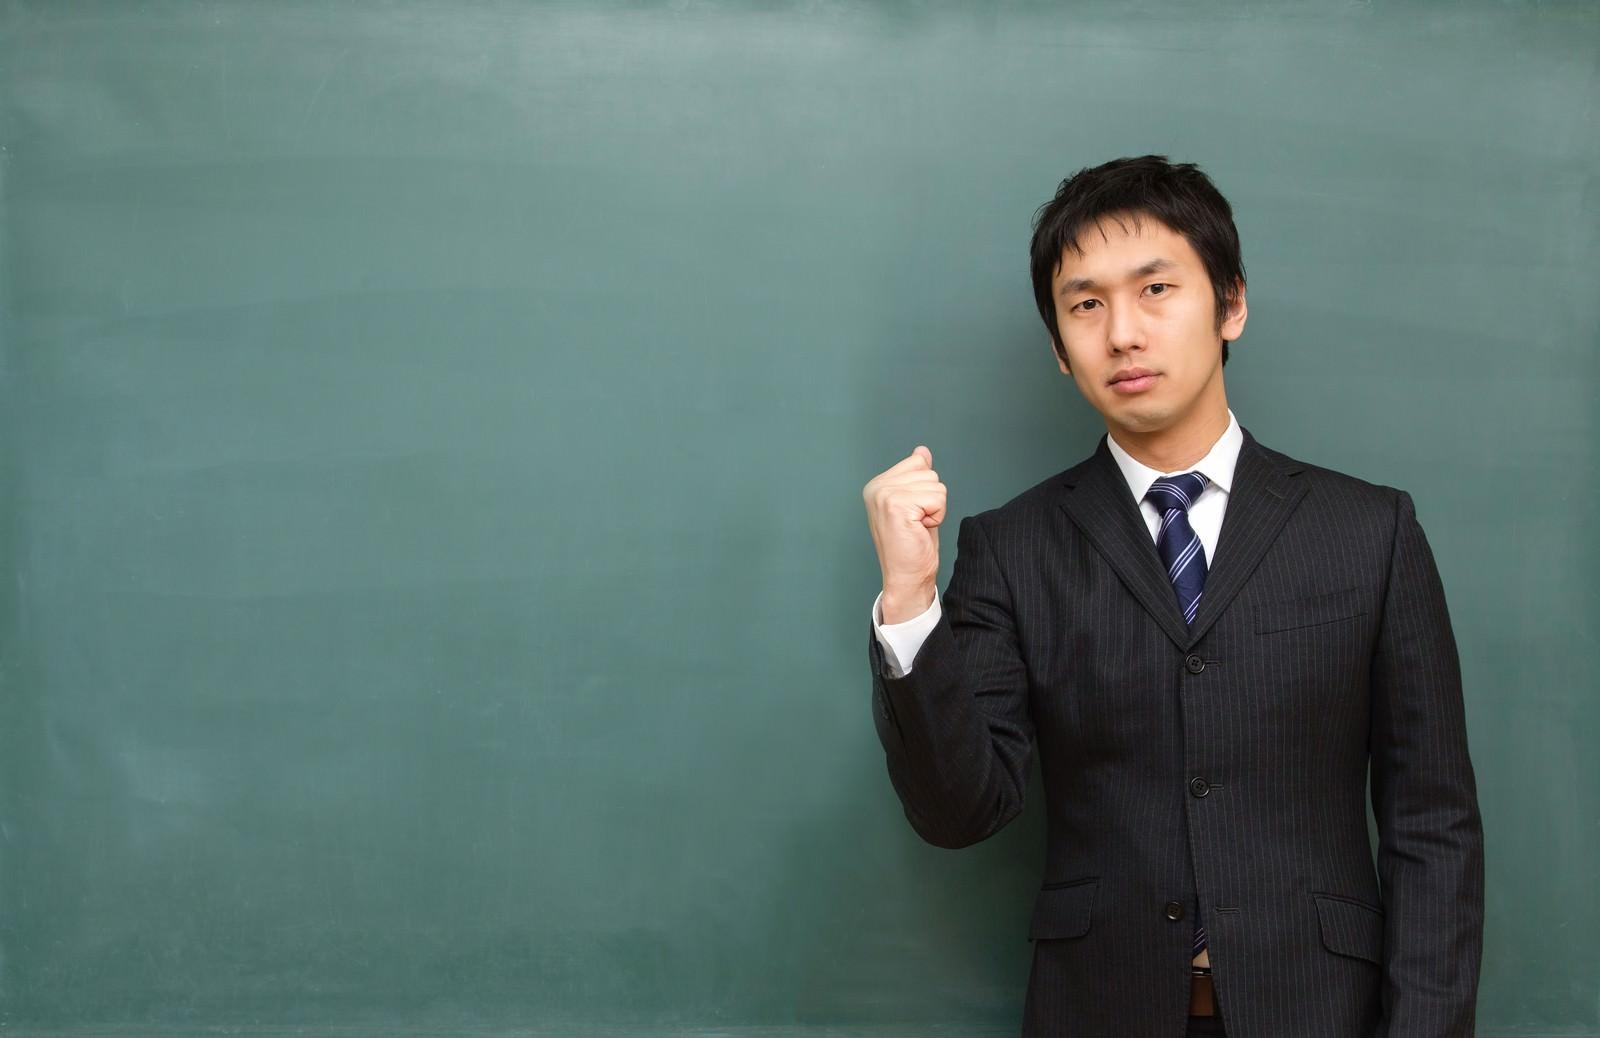 「負けるな学生!と応援する塾講師負けるな学生!と応援する塾講師」[モデル:大川竜弥]のフリー写真素材を拡大